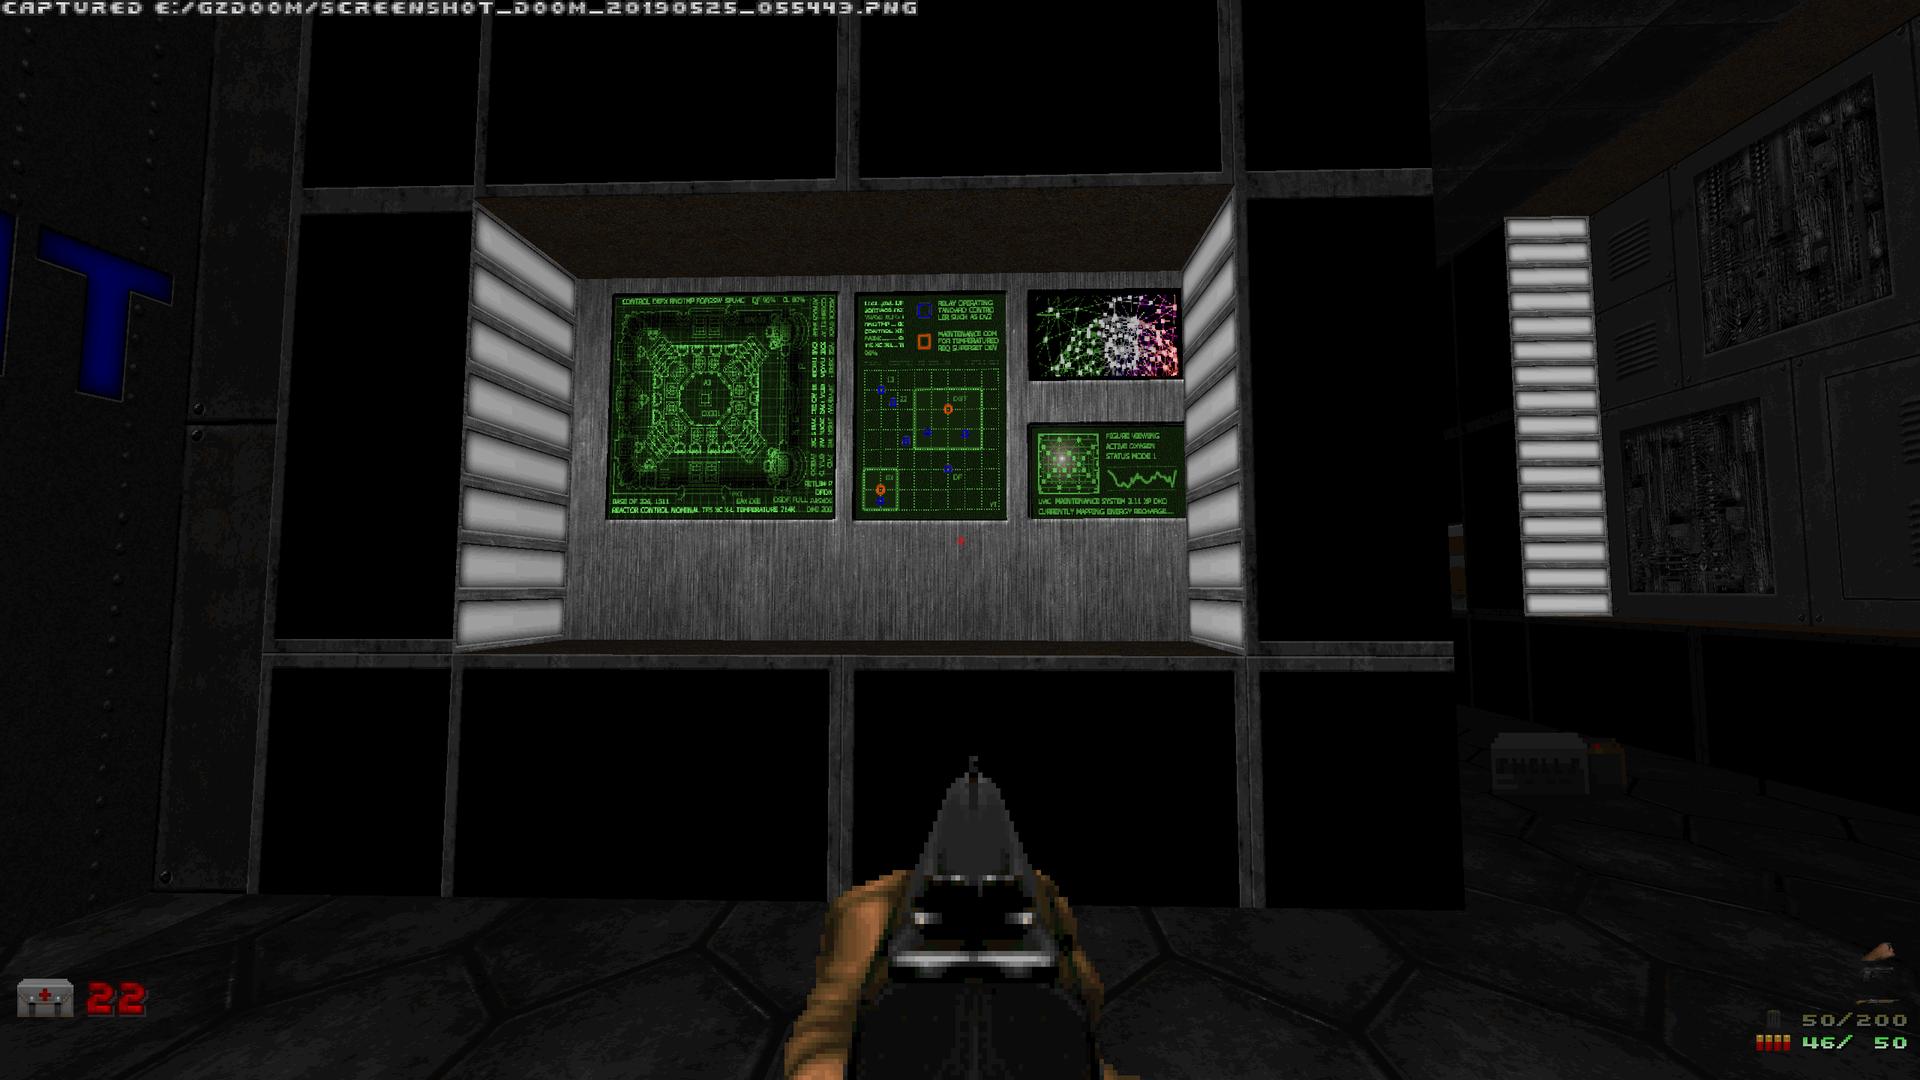 Screenshot_Doom_20190525_055444.png.d32a1460983685fd49ee3b25362cdf71.png